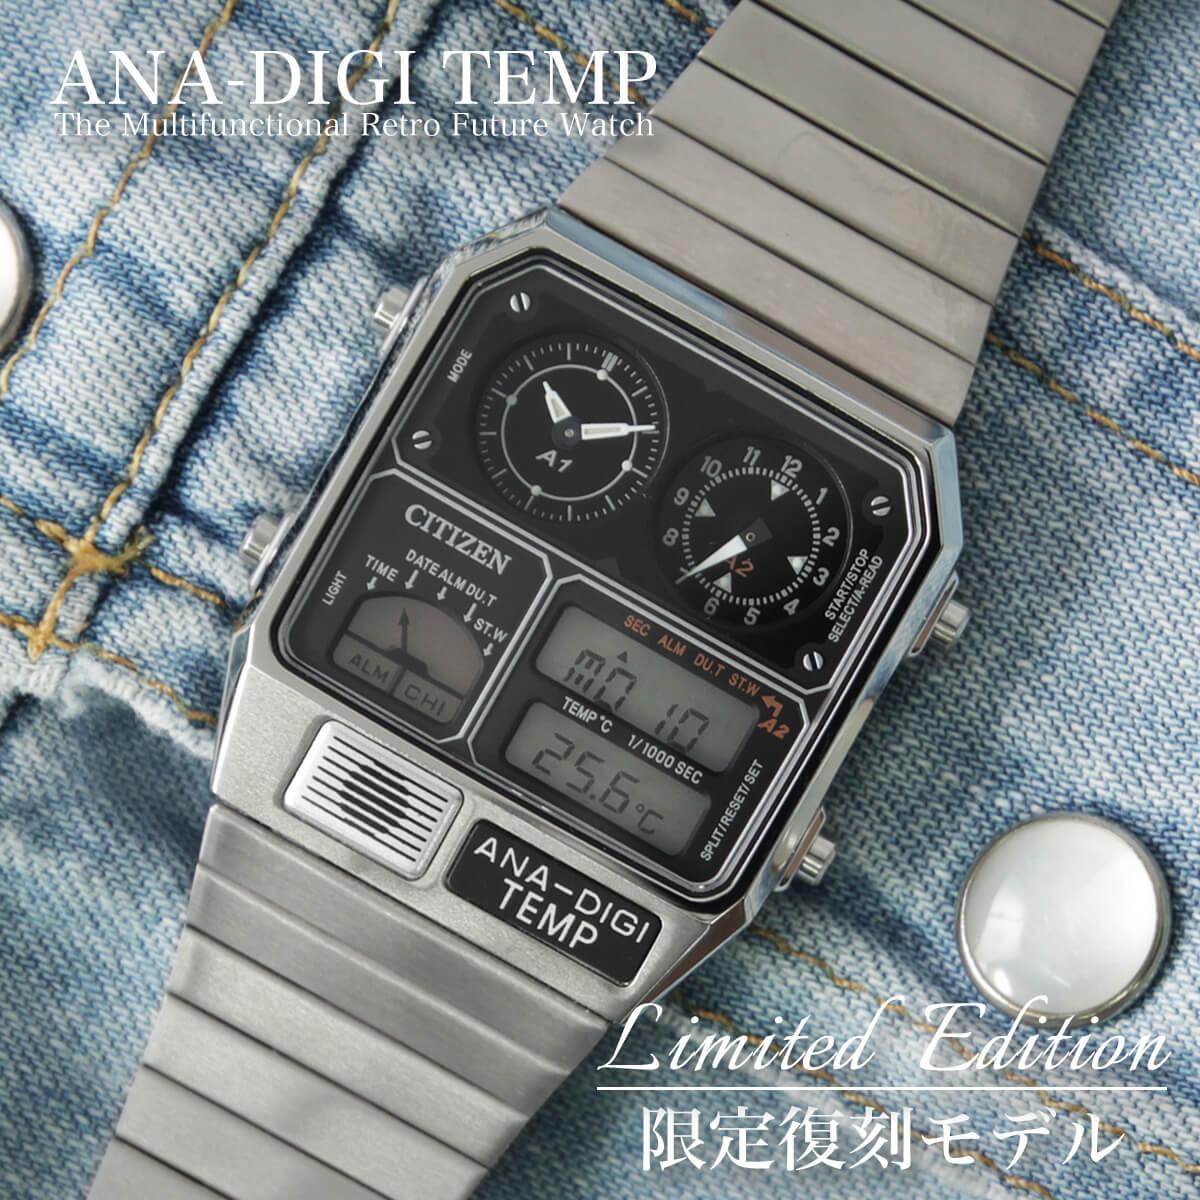 腕時計, 男女兼用腕時計  CITIZEN ANA DIGI-TEMP JG2101-78E 80